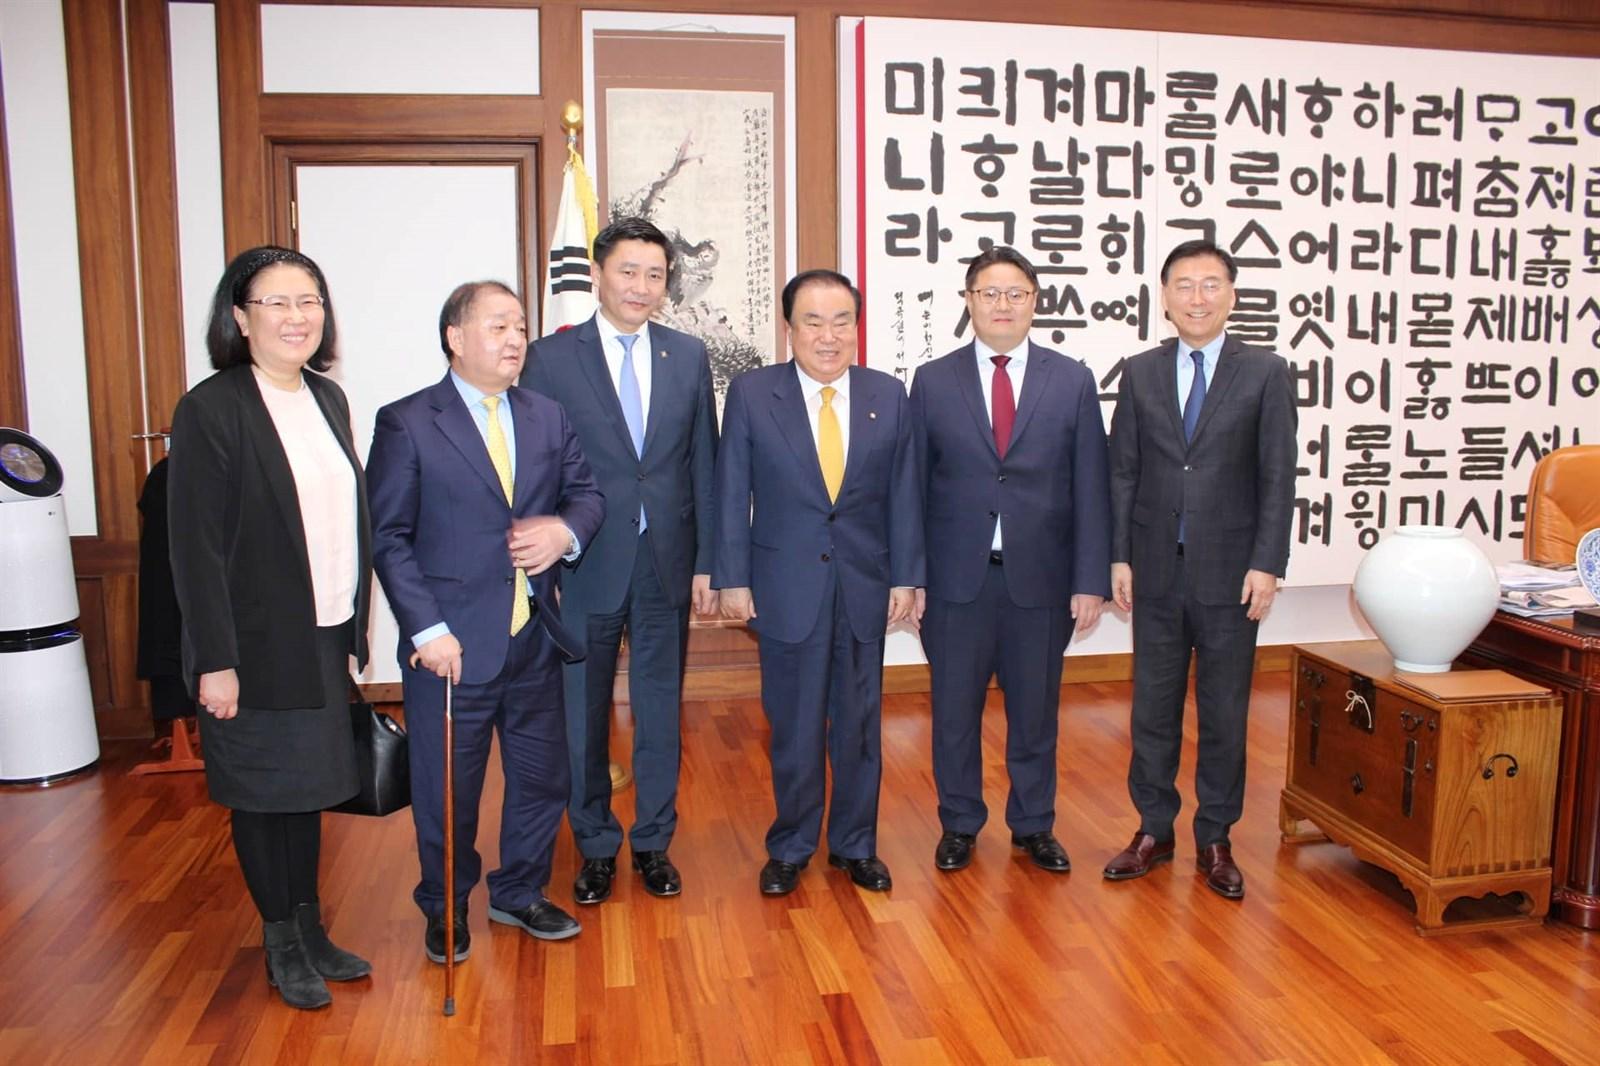 Байнгын хороодын дарга нар Бүгд Найрамдах Солонгос Улсын Үндэсний Ассемблейн даргад бараалхаж, санал солилцов